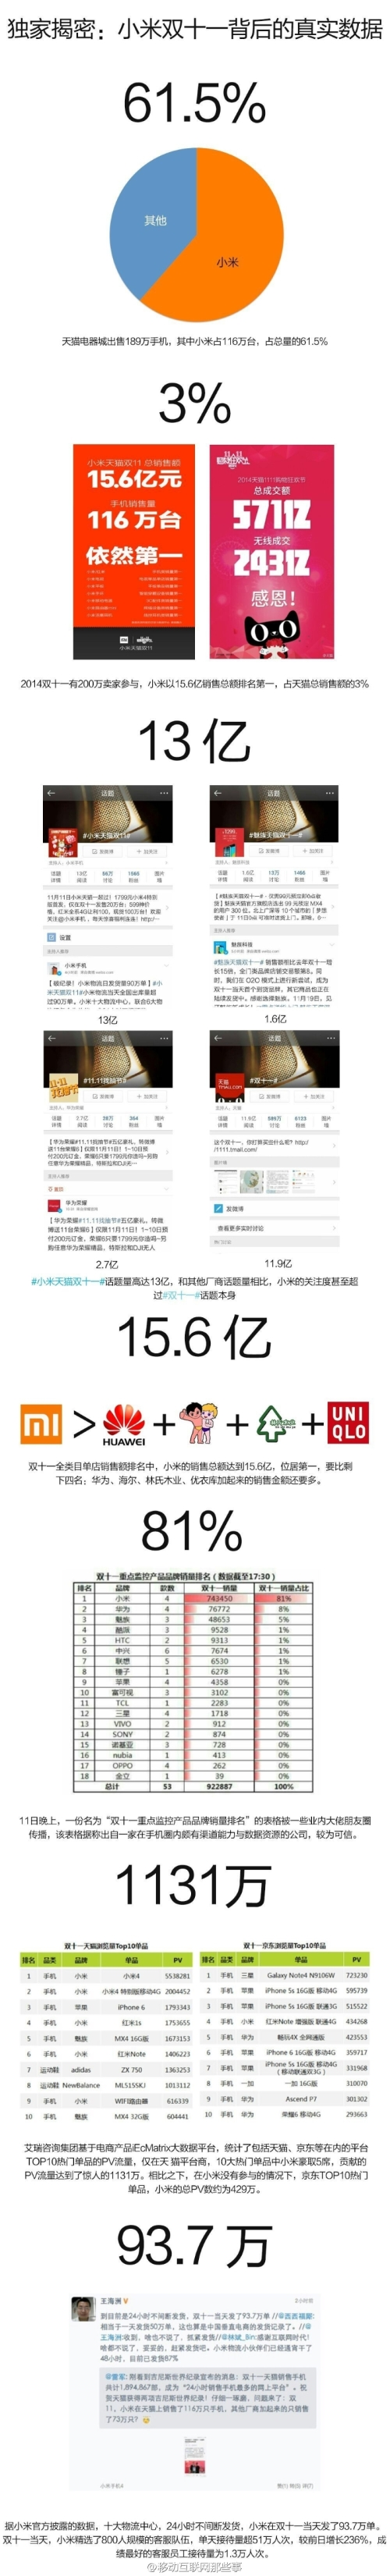 Xiaomi1111StatsWeibo02